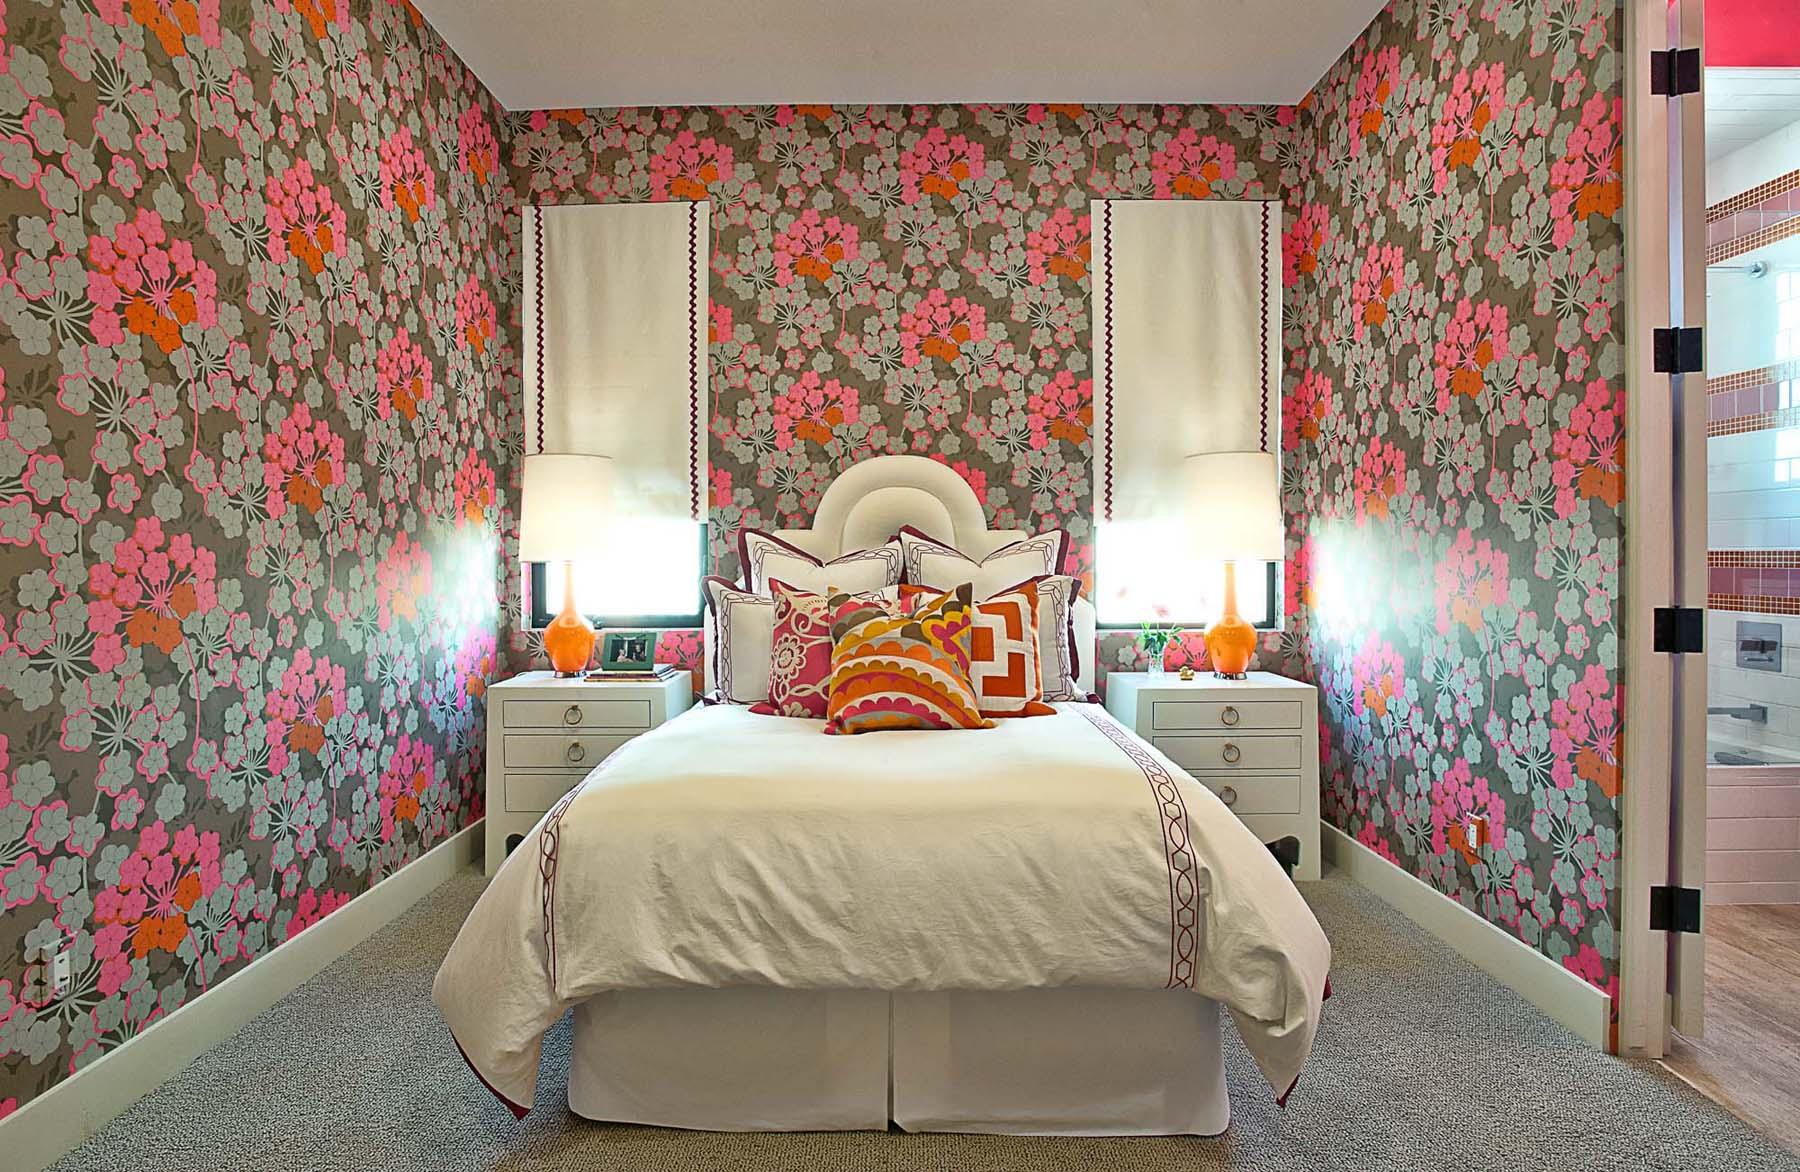 Как скомбинировать обои в комнате, чтобы получился стильный интерьер